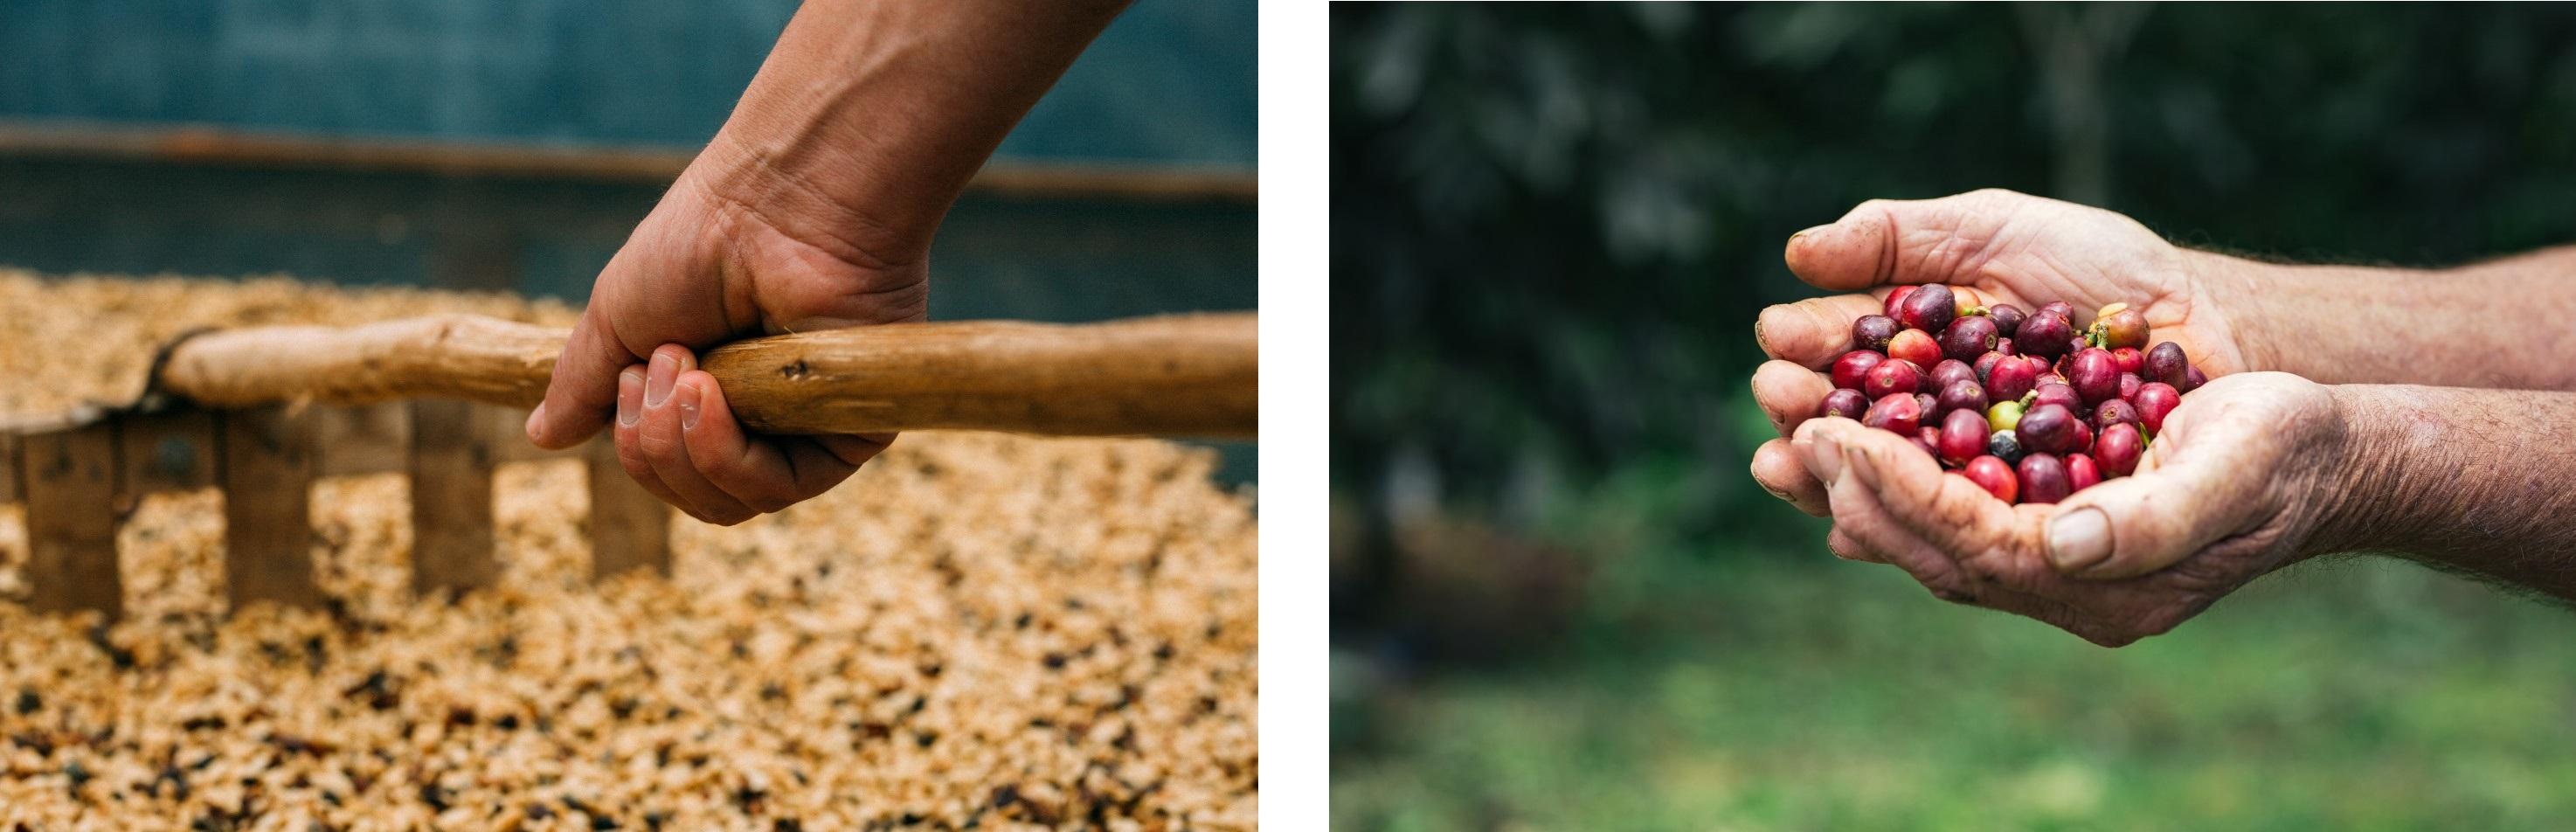 Luiz's coffee farm